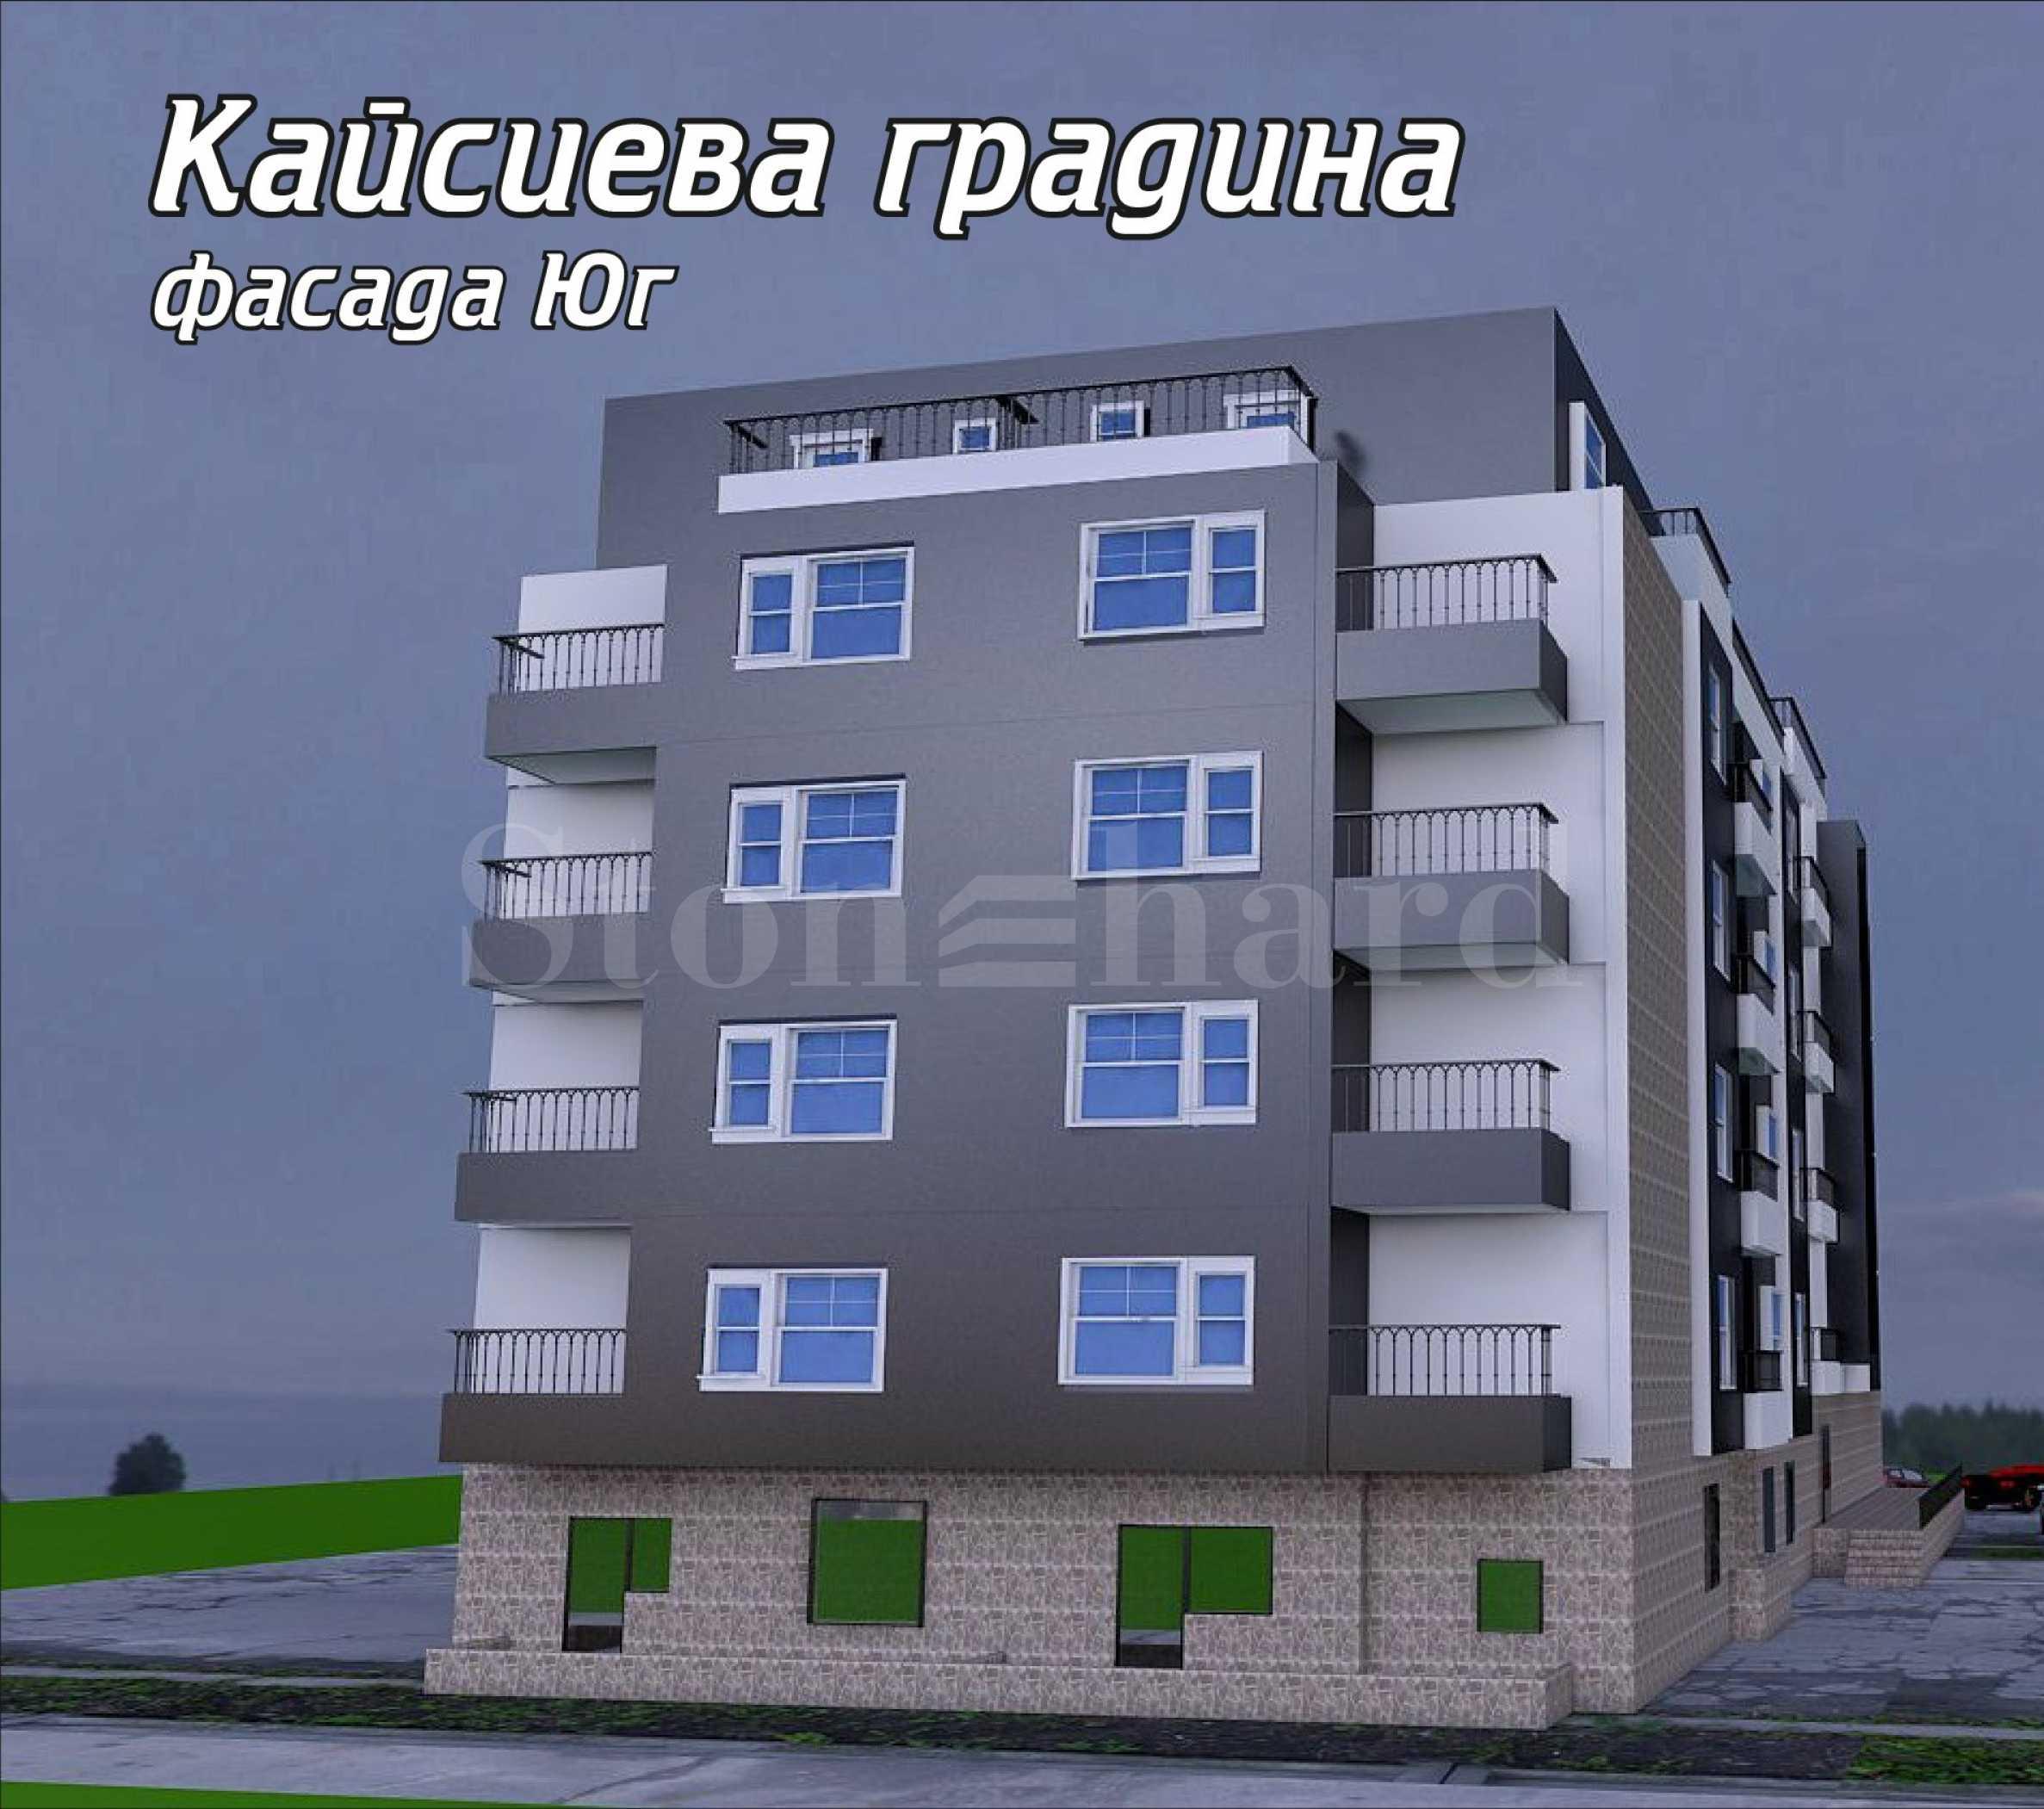 Новостроящ се комплекс от две сгради в кв. Кайсиева градина2 - Stonehard